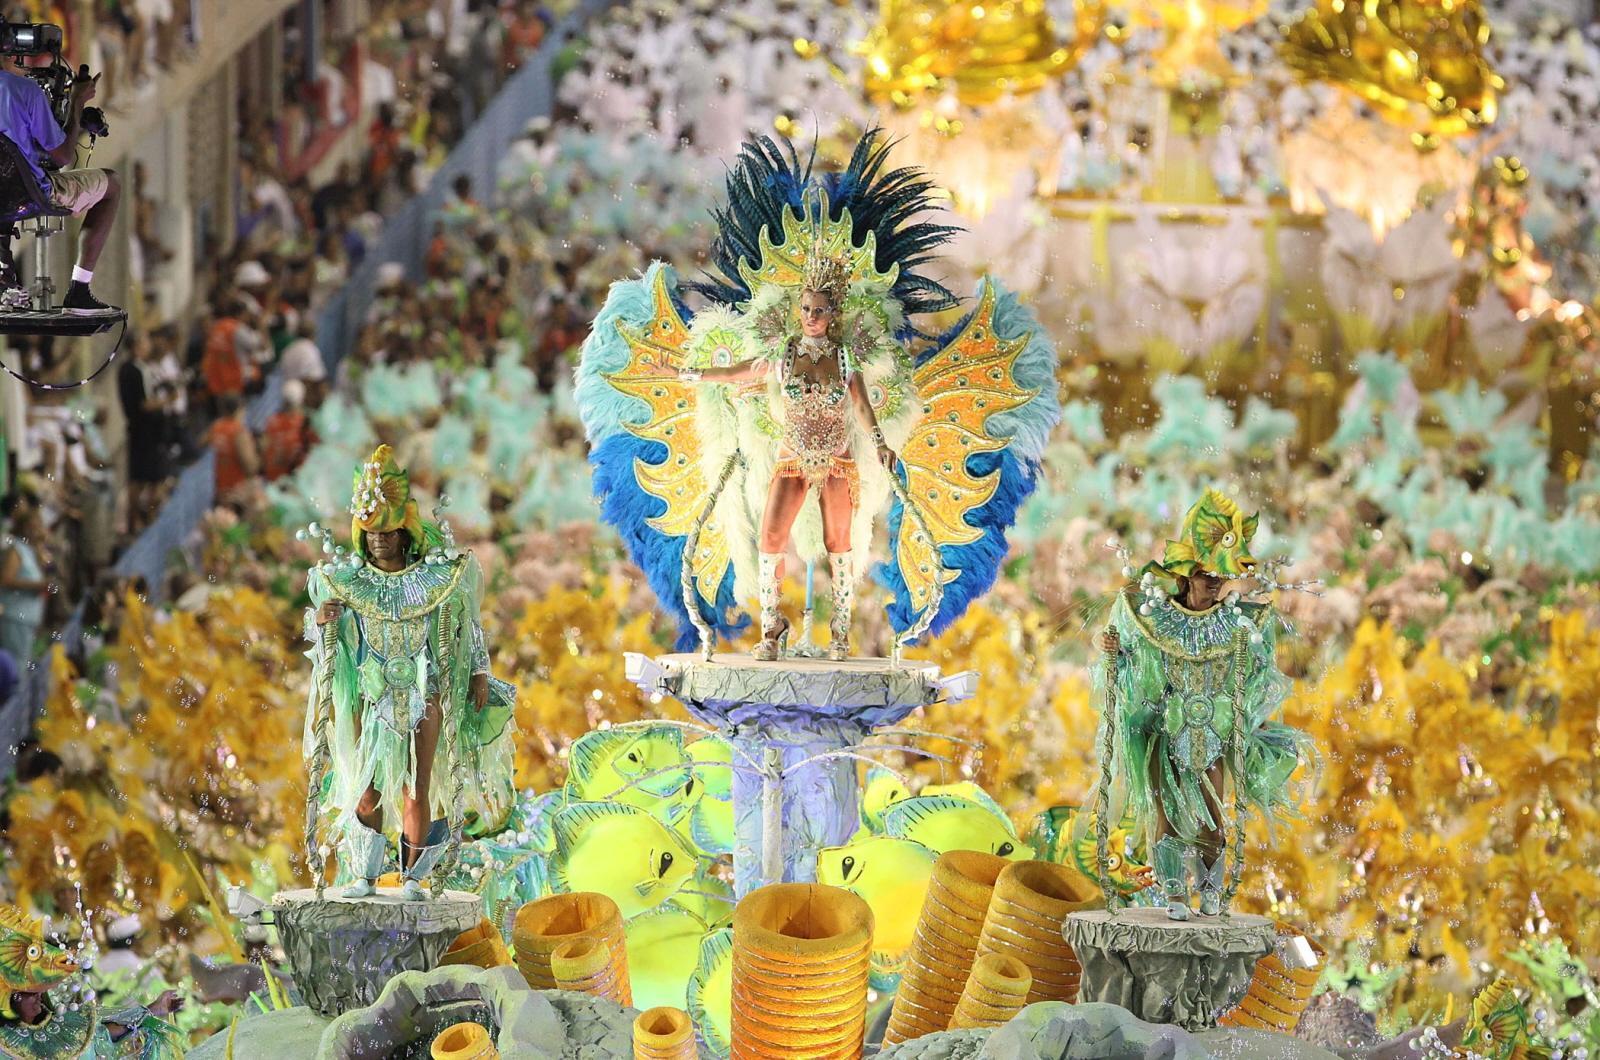 carnival de rio de janeiro legal Rio carnaval package original 6 day rio carnival tour through rio de janeiro, corcovado, mount pao de acucar in brazil destinations 4 destinations in brazil starts/ ends in.